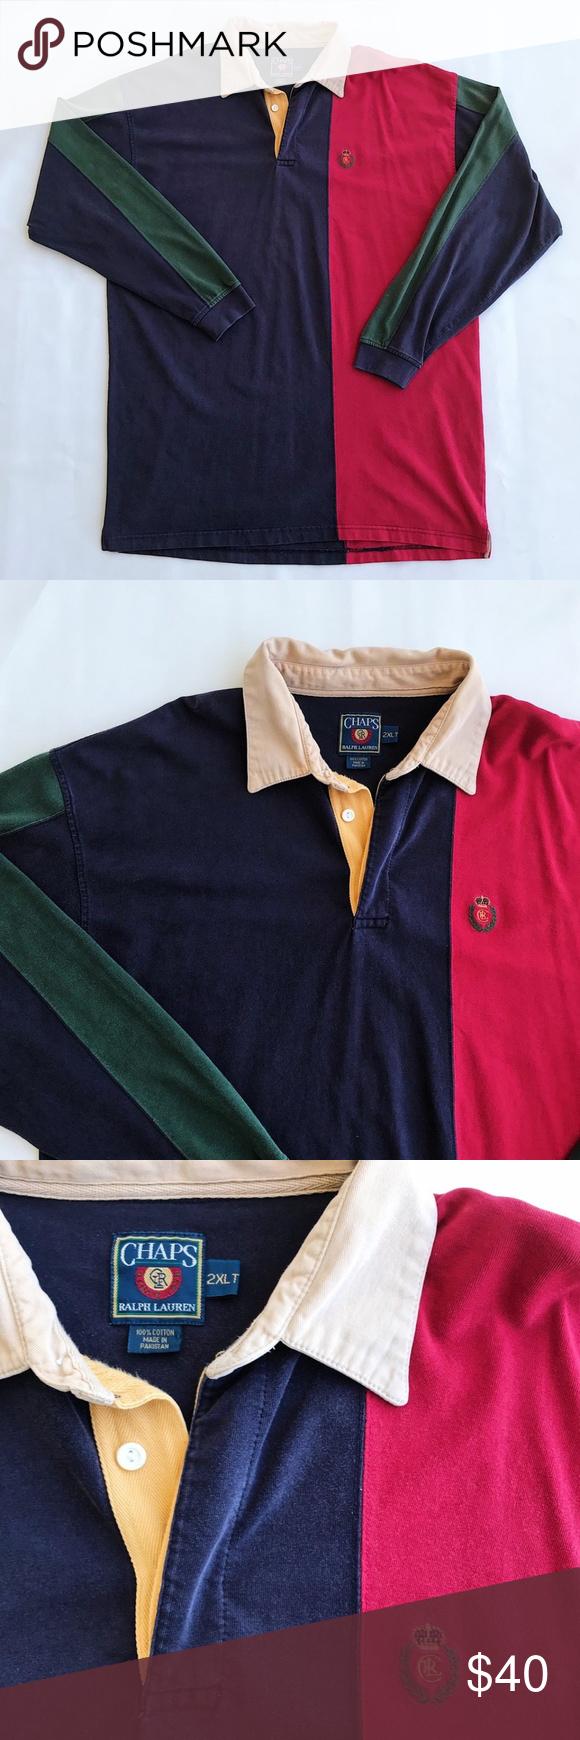 0d7b3081e66 VTG 90s Ralph Lauren Chaps Color Block Rugby Polo Vintage 90s Chaps Ralph  Lauren Colorblock long sleeve rugby shirt. Men's size 2XLT.